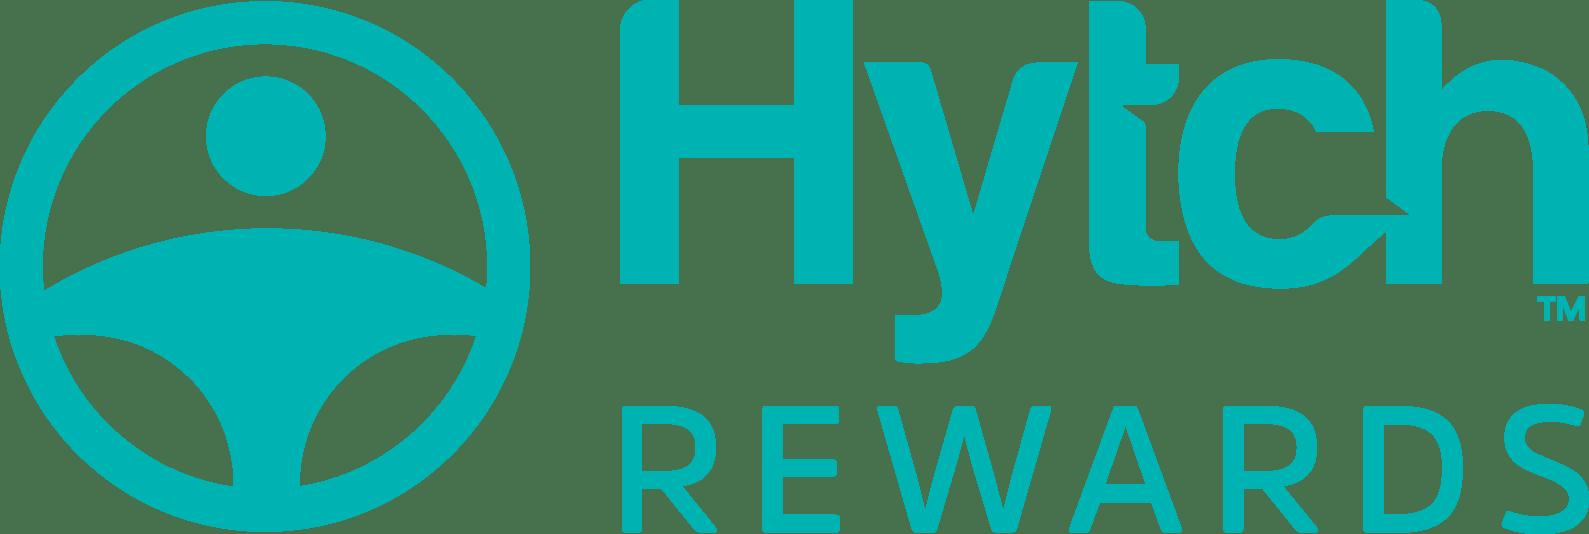 Hytch_Rewards_withWheel_Aqua